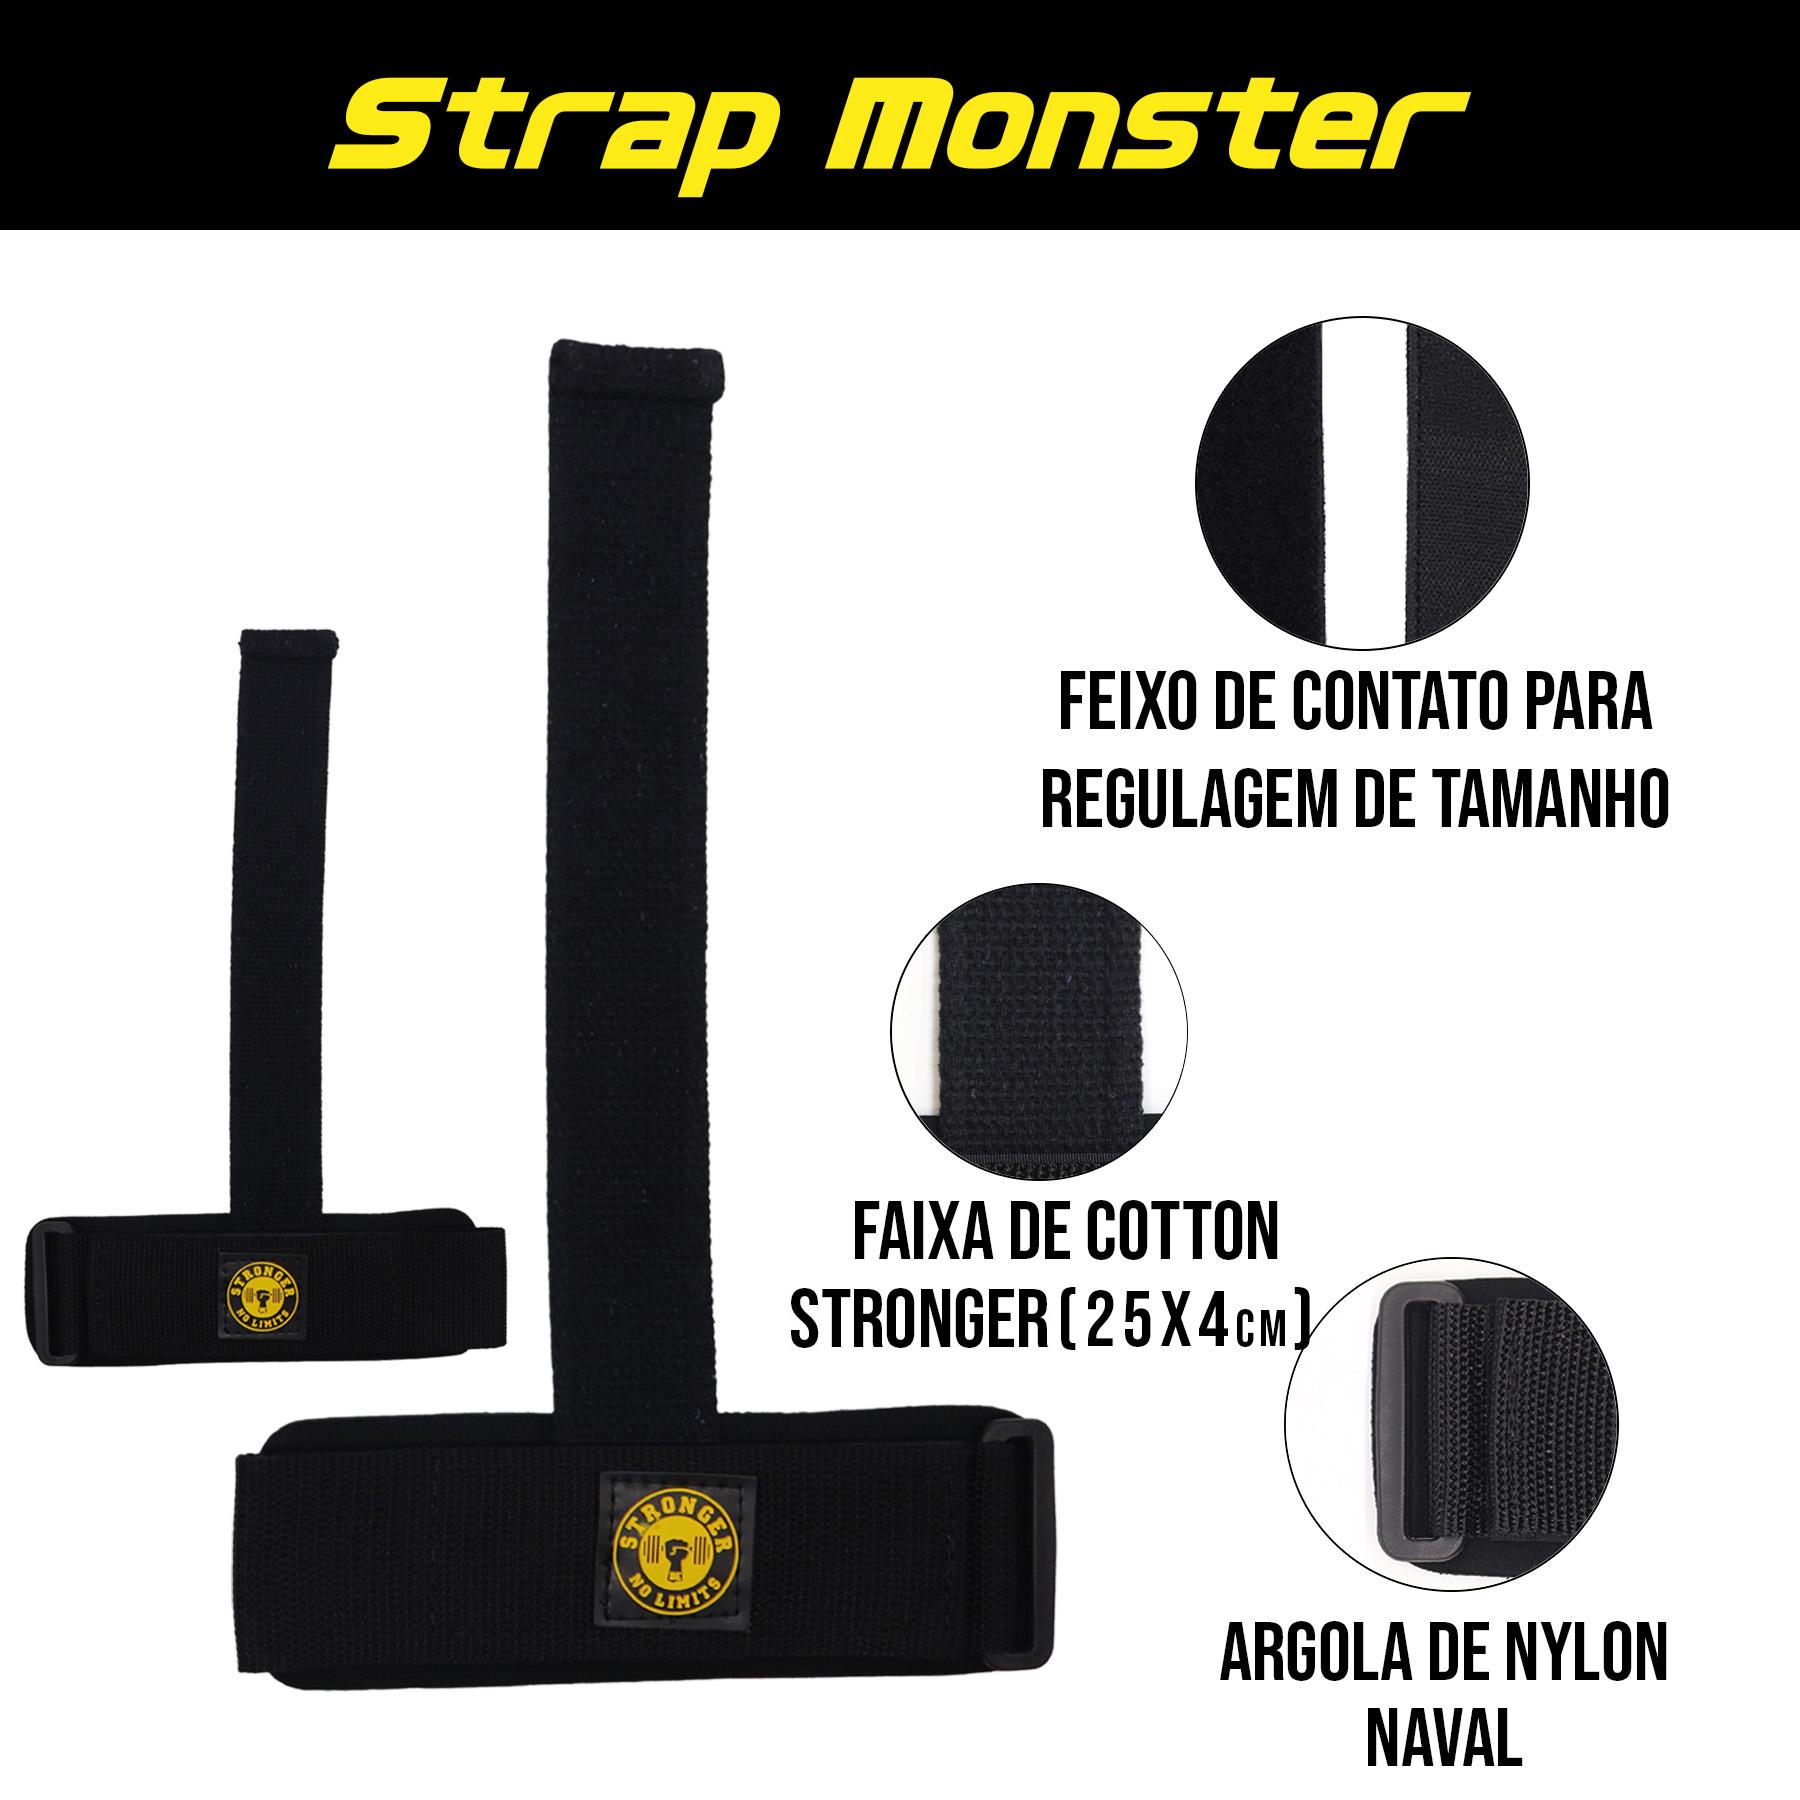 Strap Monster